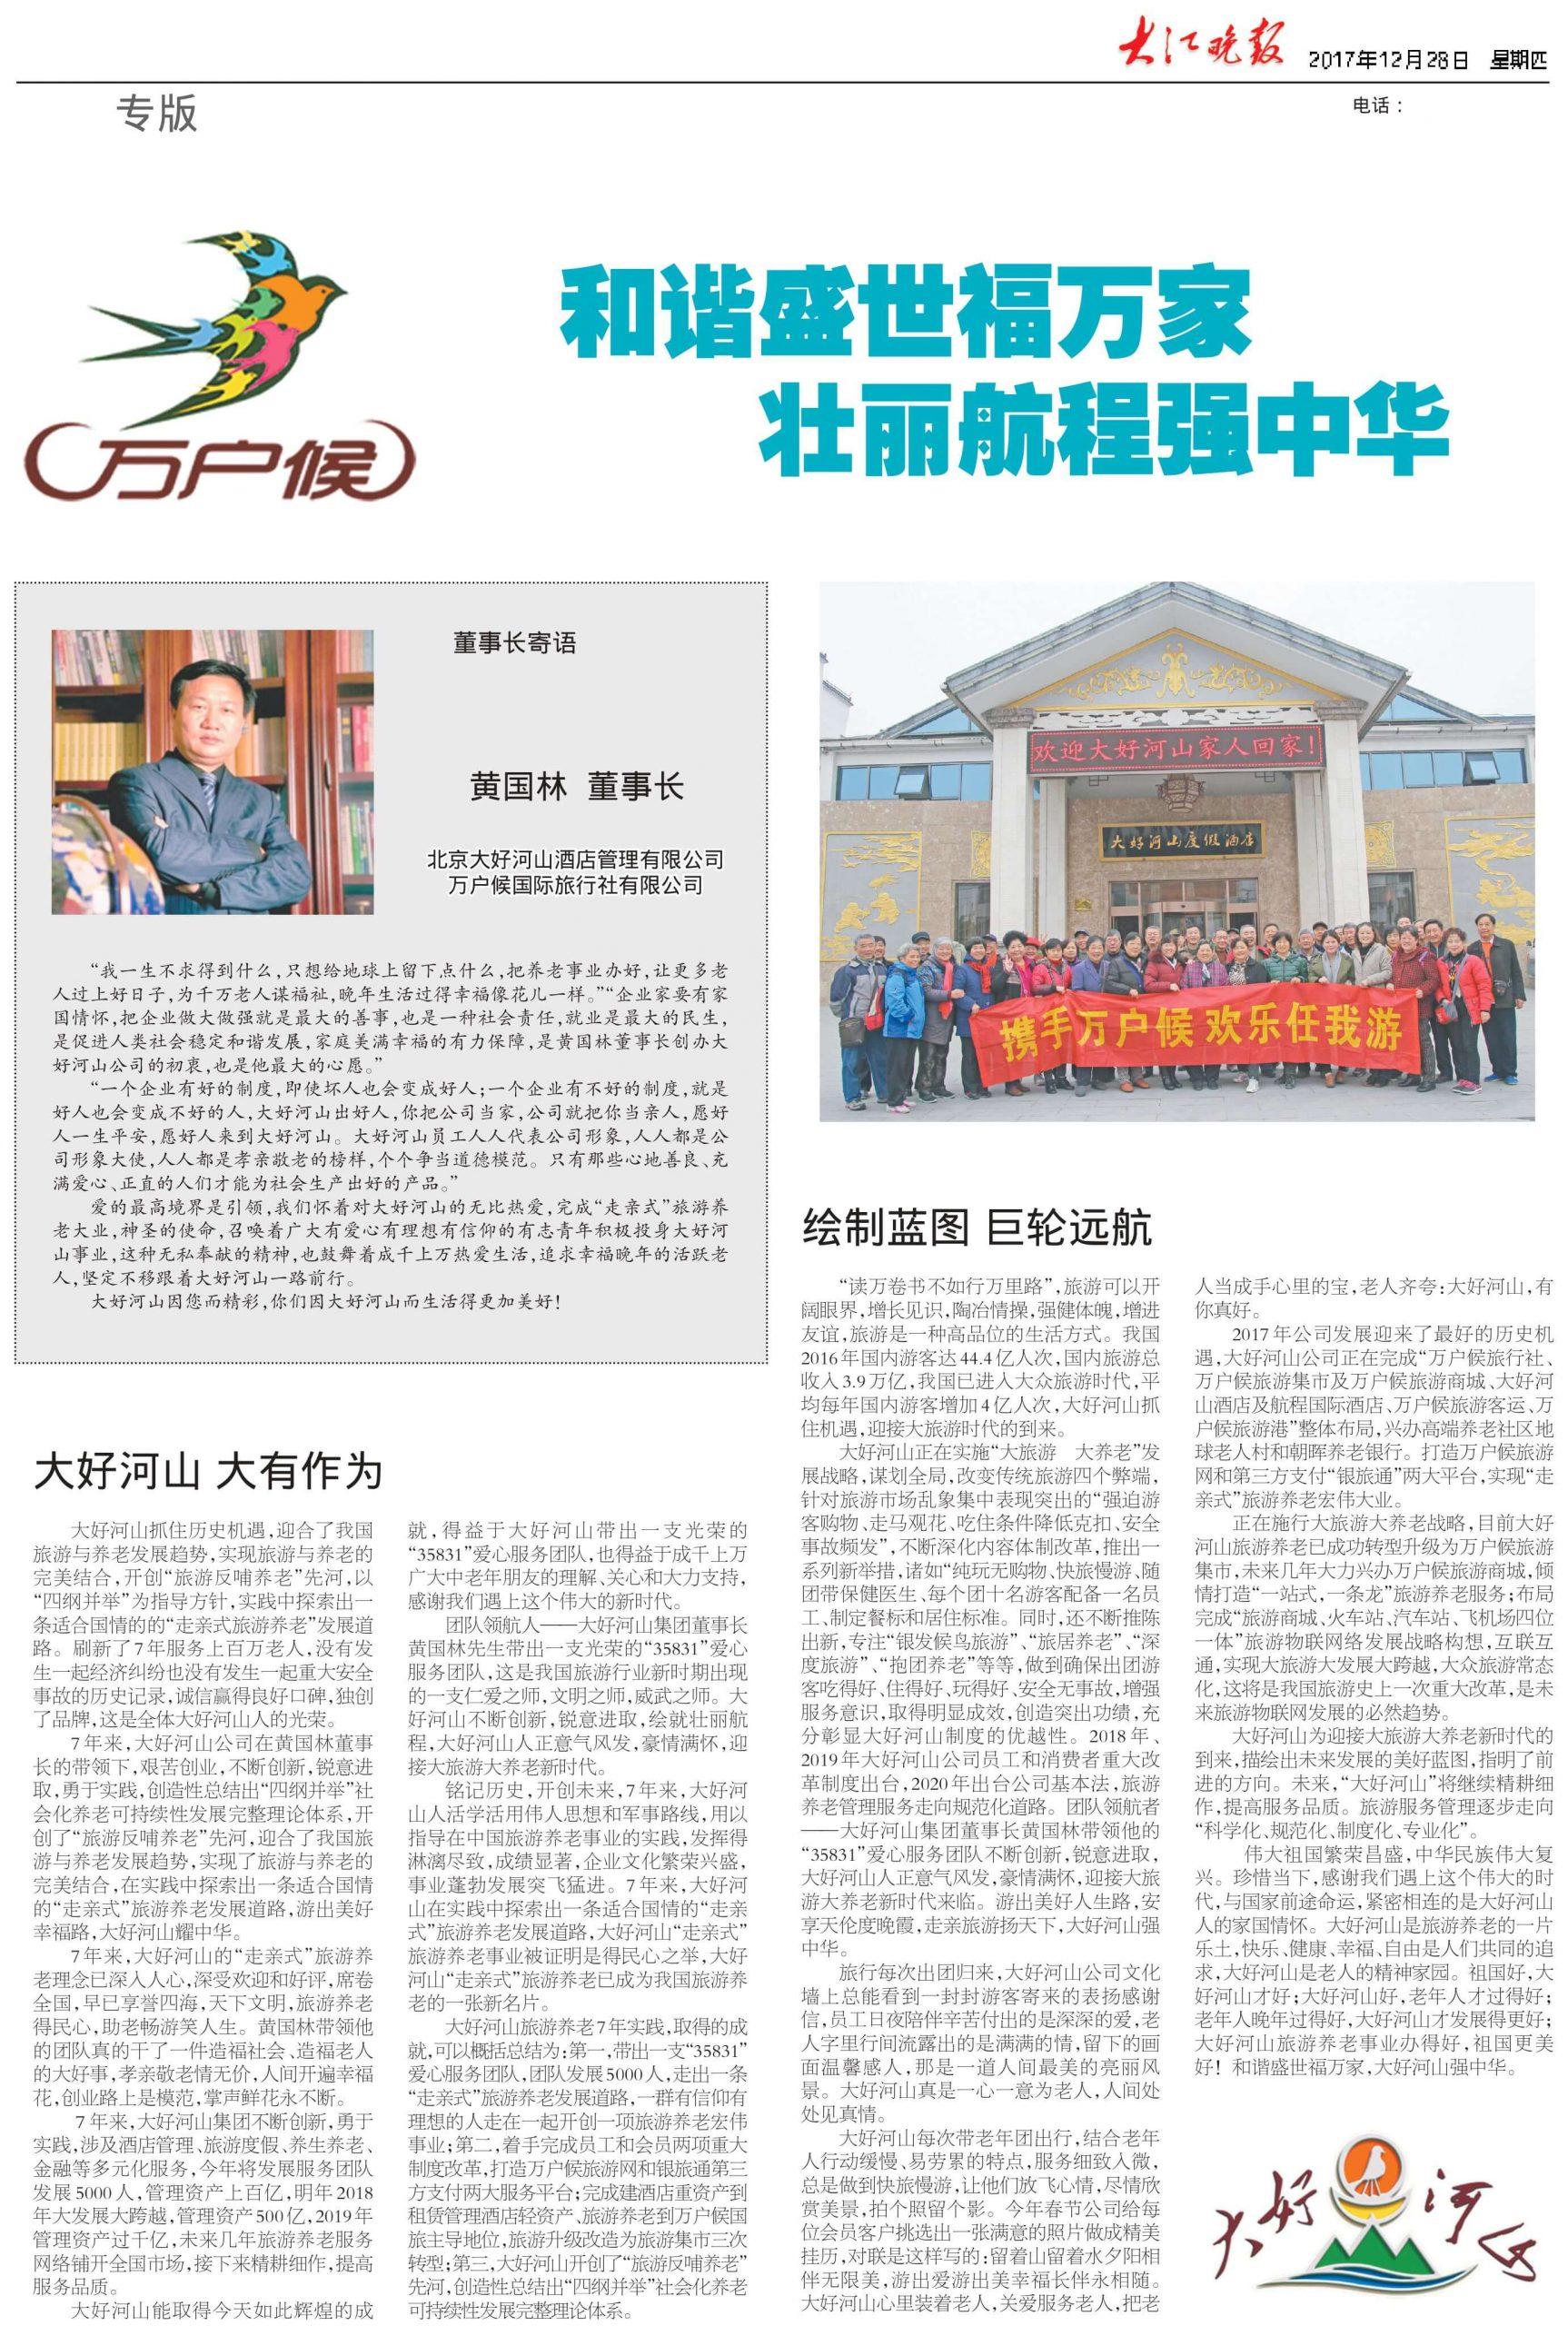 大江晚报 2017-12-28 专版A07